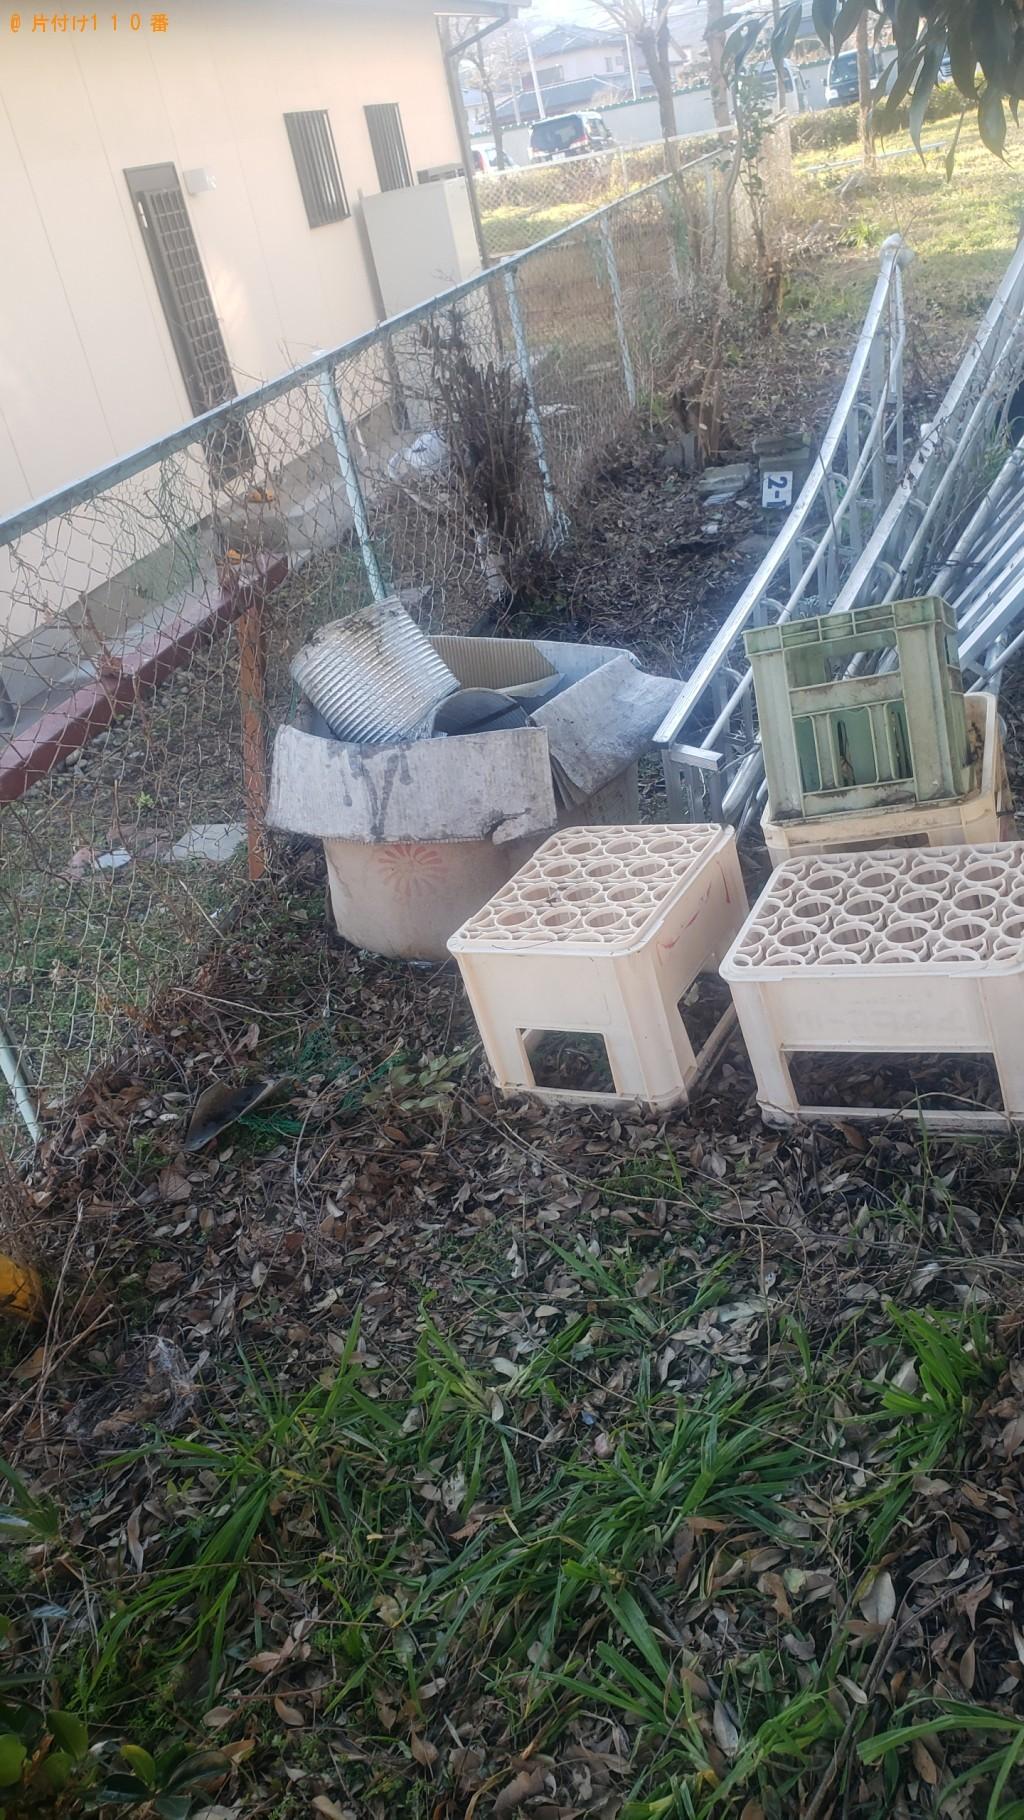 【山梨市】電子レンジ、ガスコンロ、ドラム缶の回収・処分ご依頼